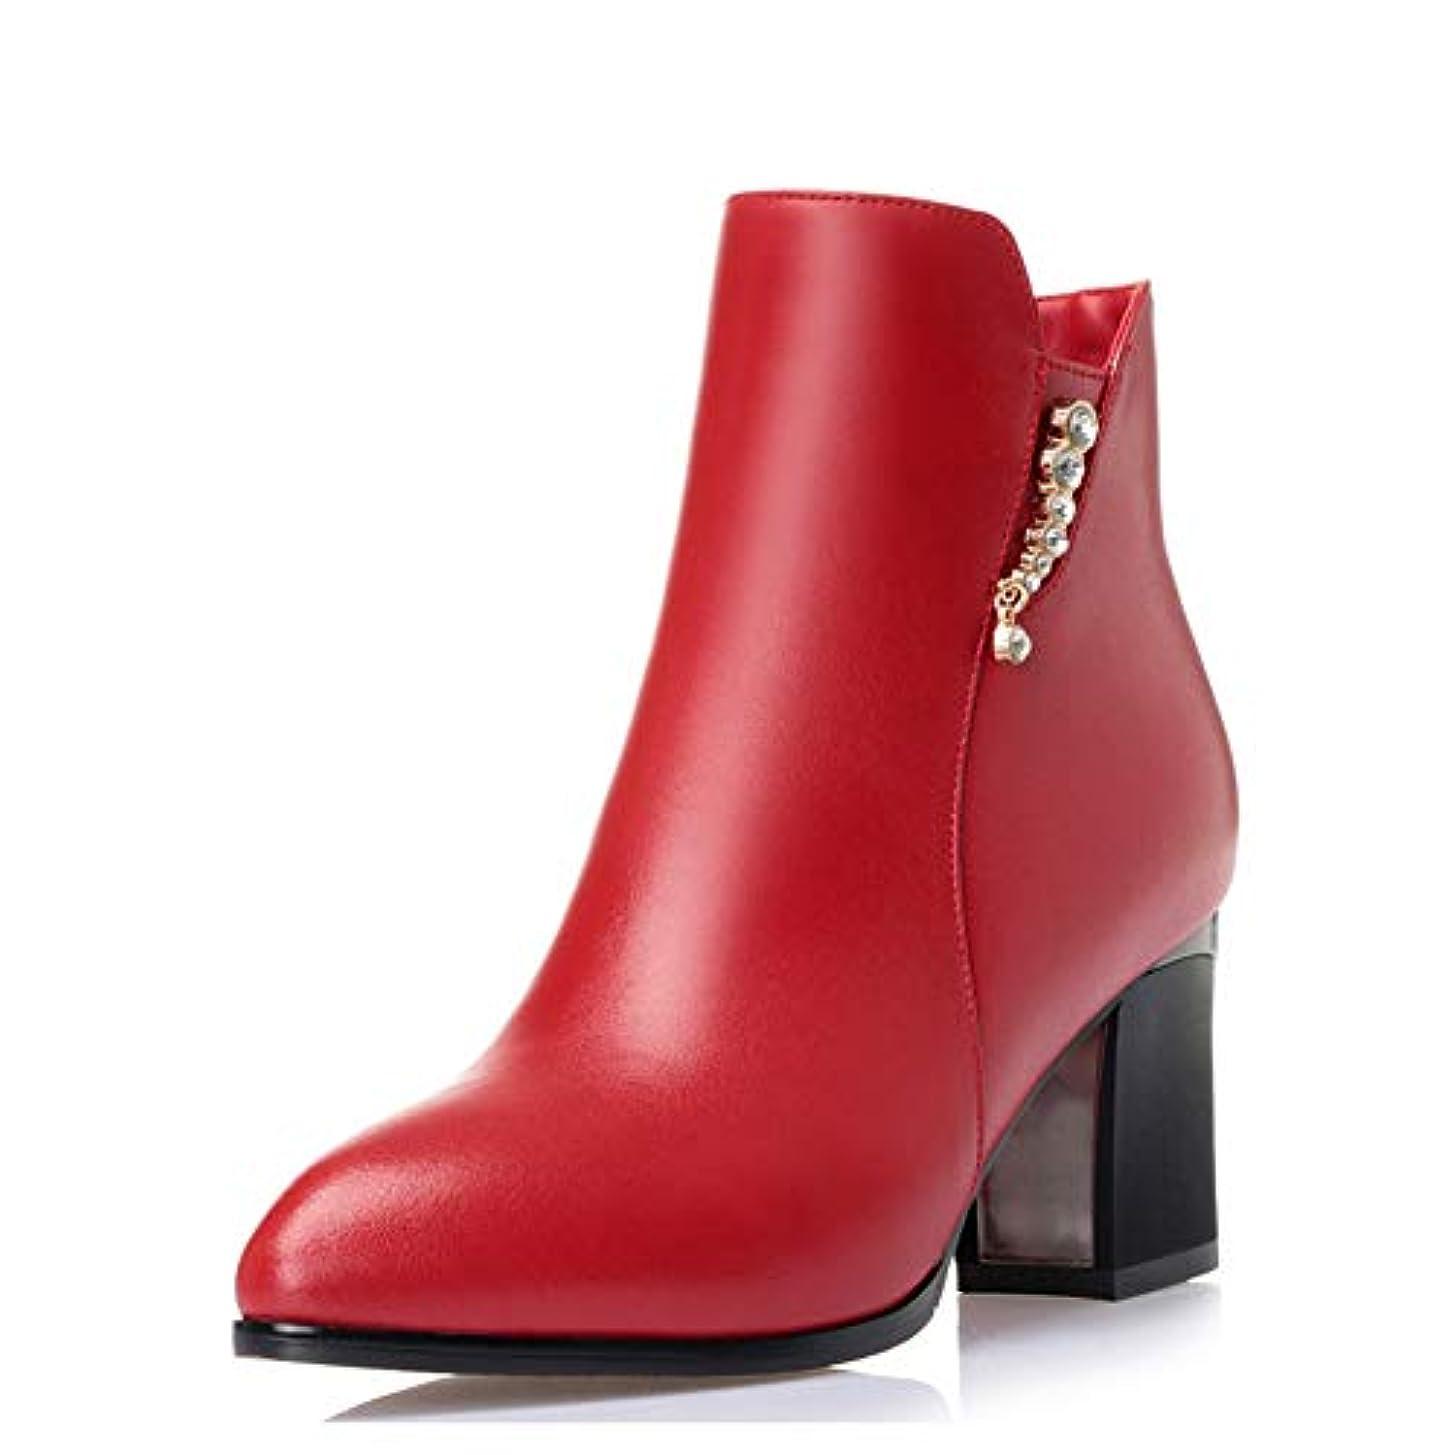 特徴づける減衰粗い女性のブーツ、レザーのブーツ秋冬レトロマーティンのブーツ厚いかかとの女性の靴女性のシングルブーツ (色 : A, サイズ : 38)